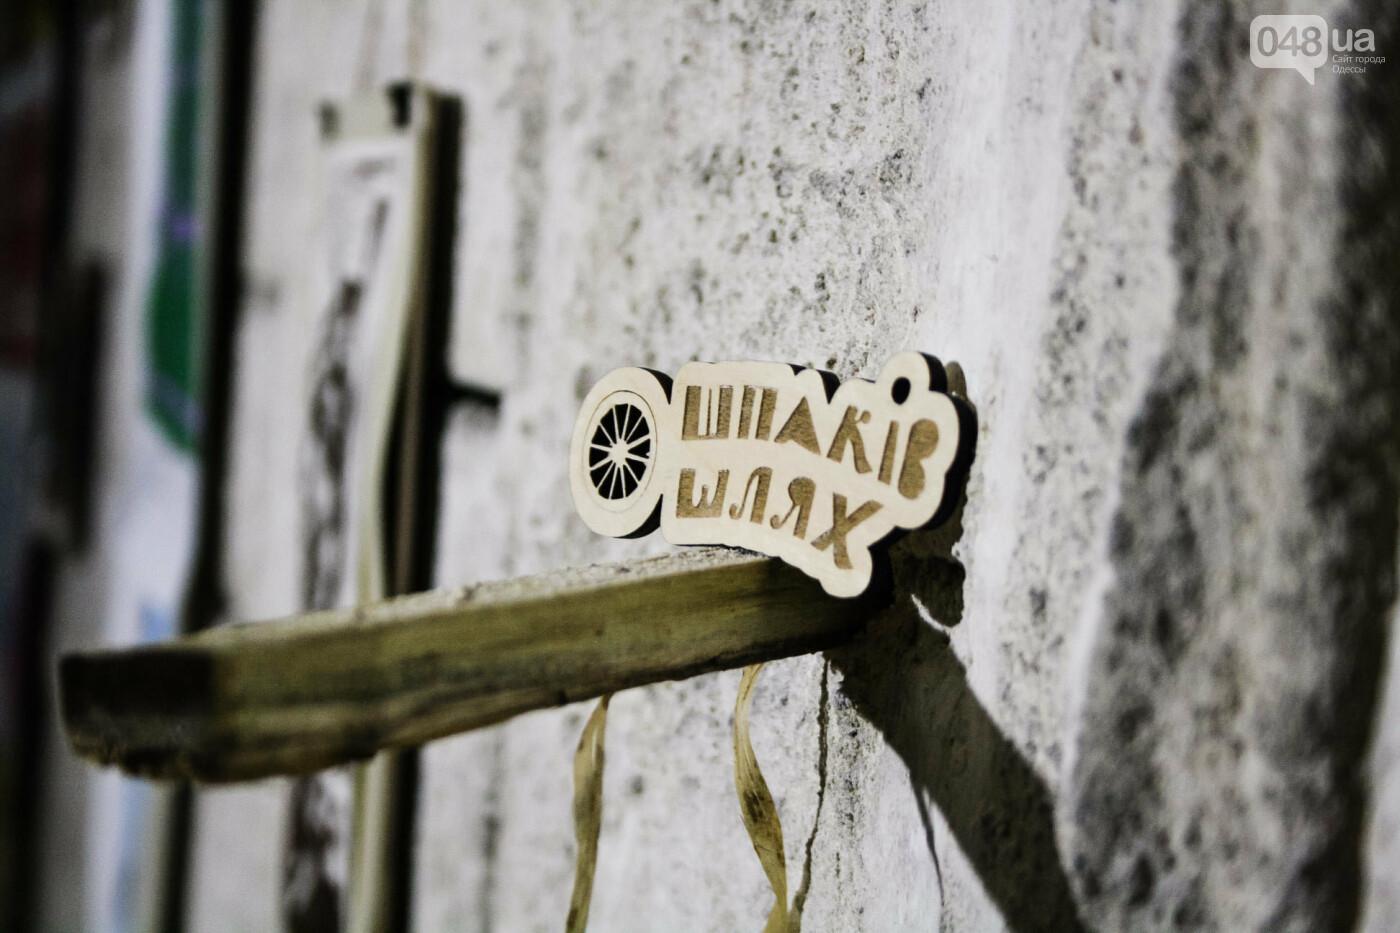 В Одесской области открылась выставка под землей,-ФОТОРЕПОРТАЖ, фото-3